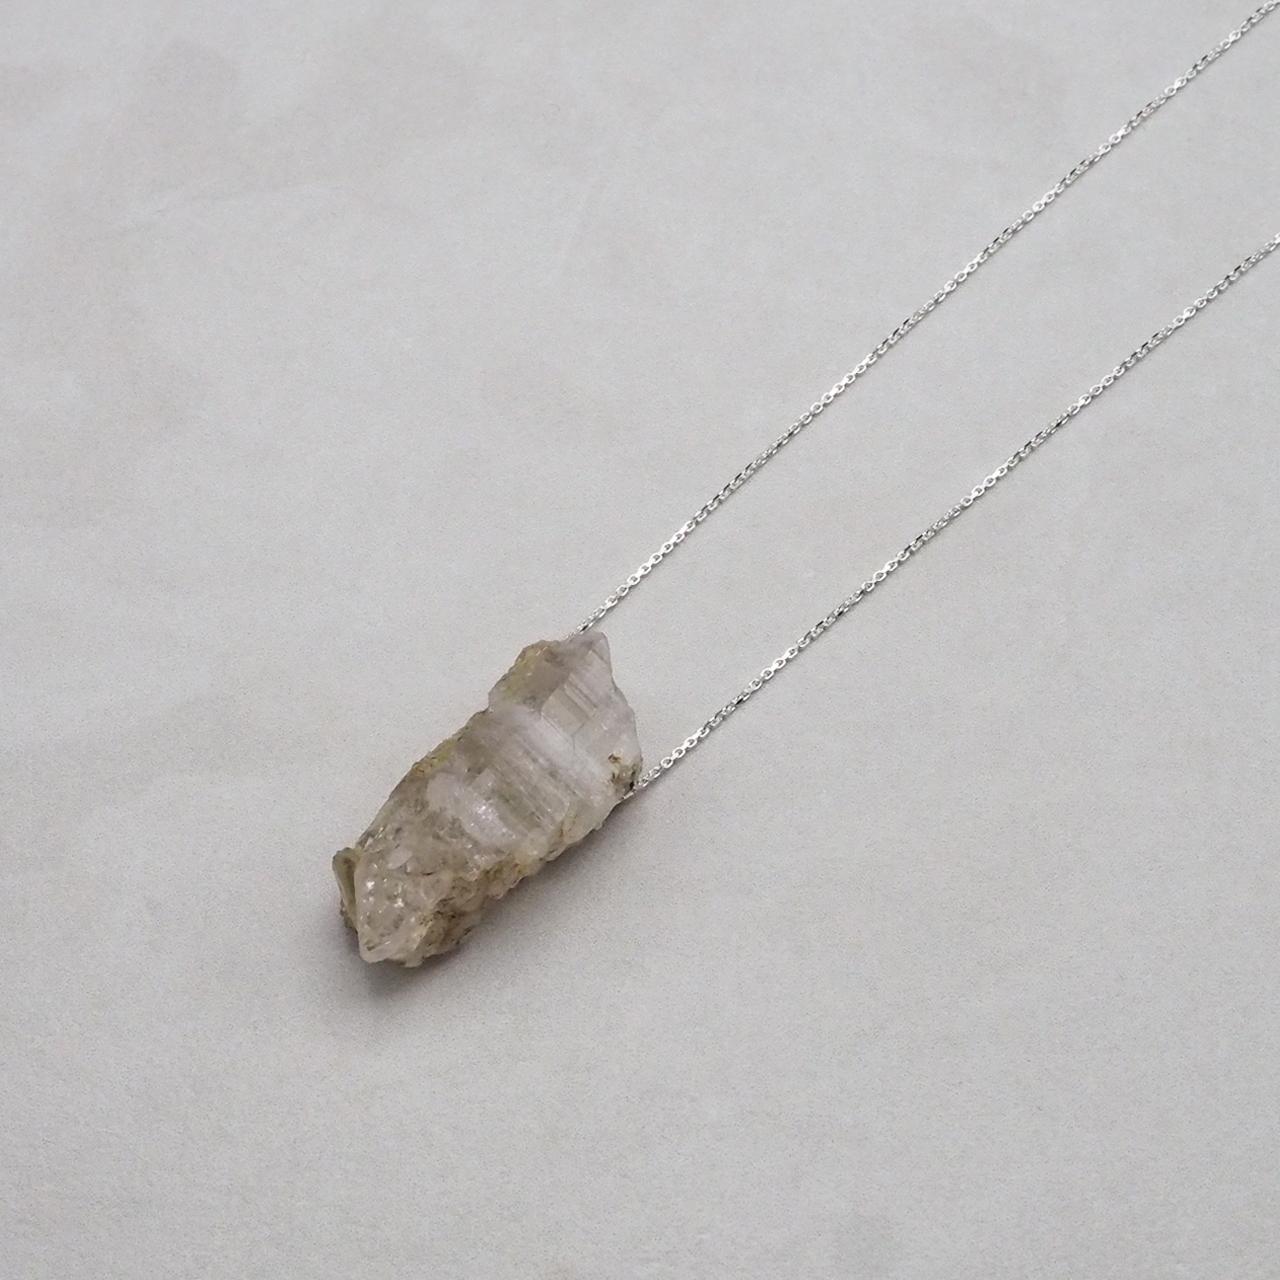 Pink Himalayan Crystal Necklace Pendant_No.12700420